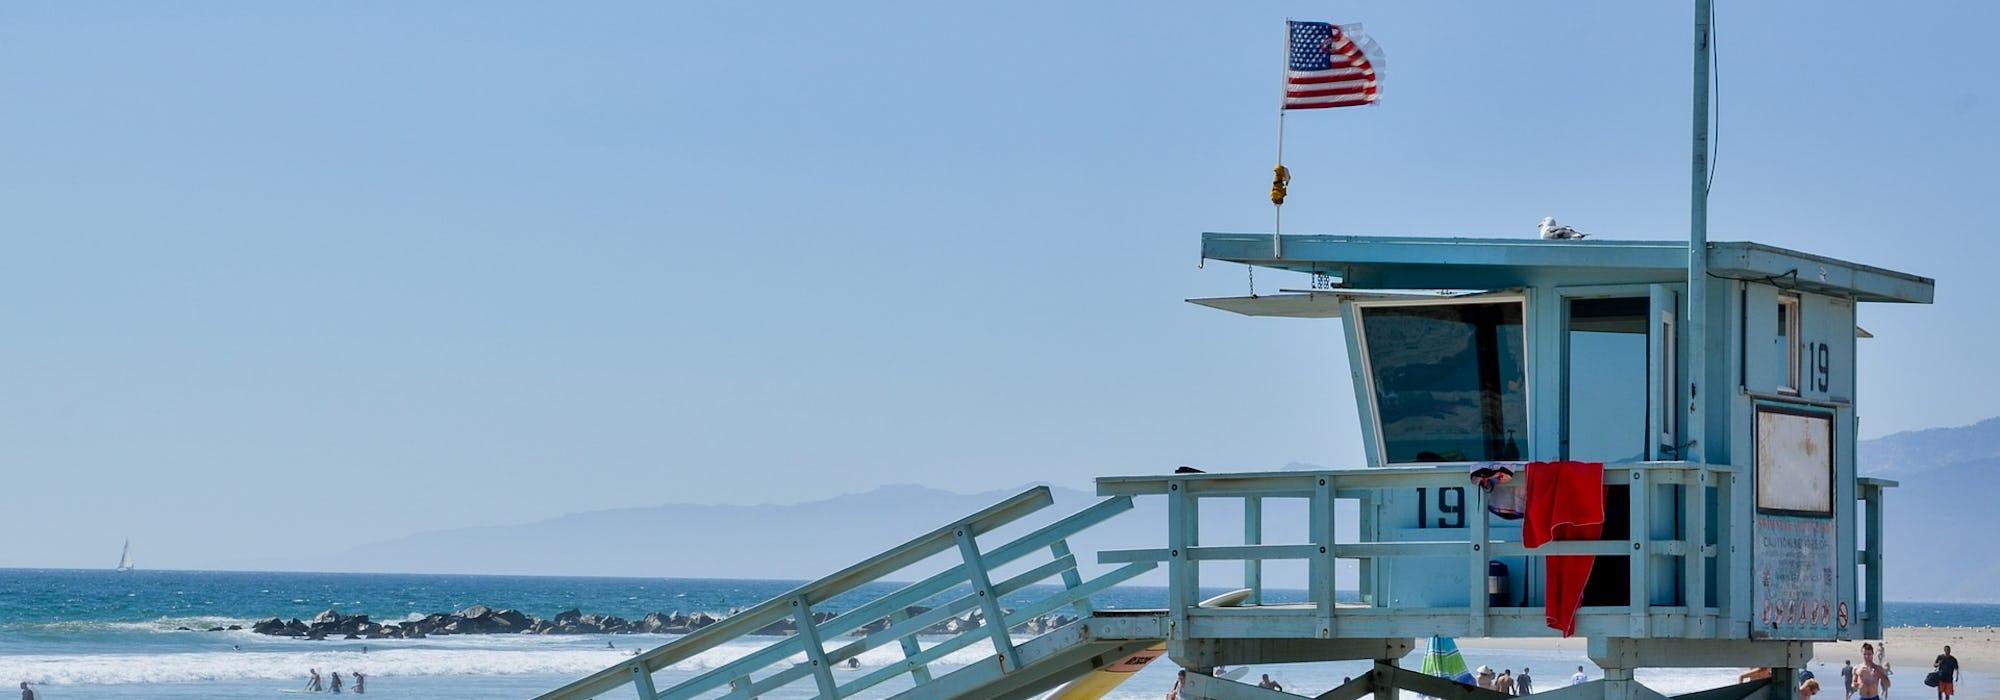 En strand i Los Angeles med ett mindre hus för livräddning på stranden.